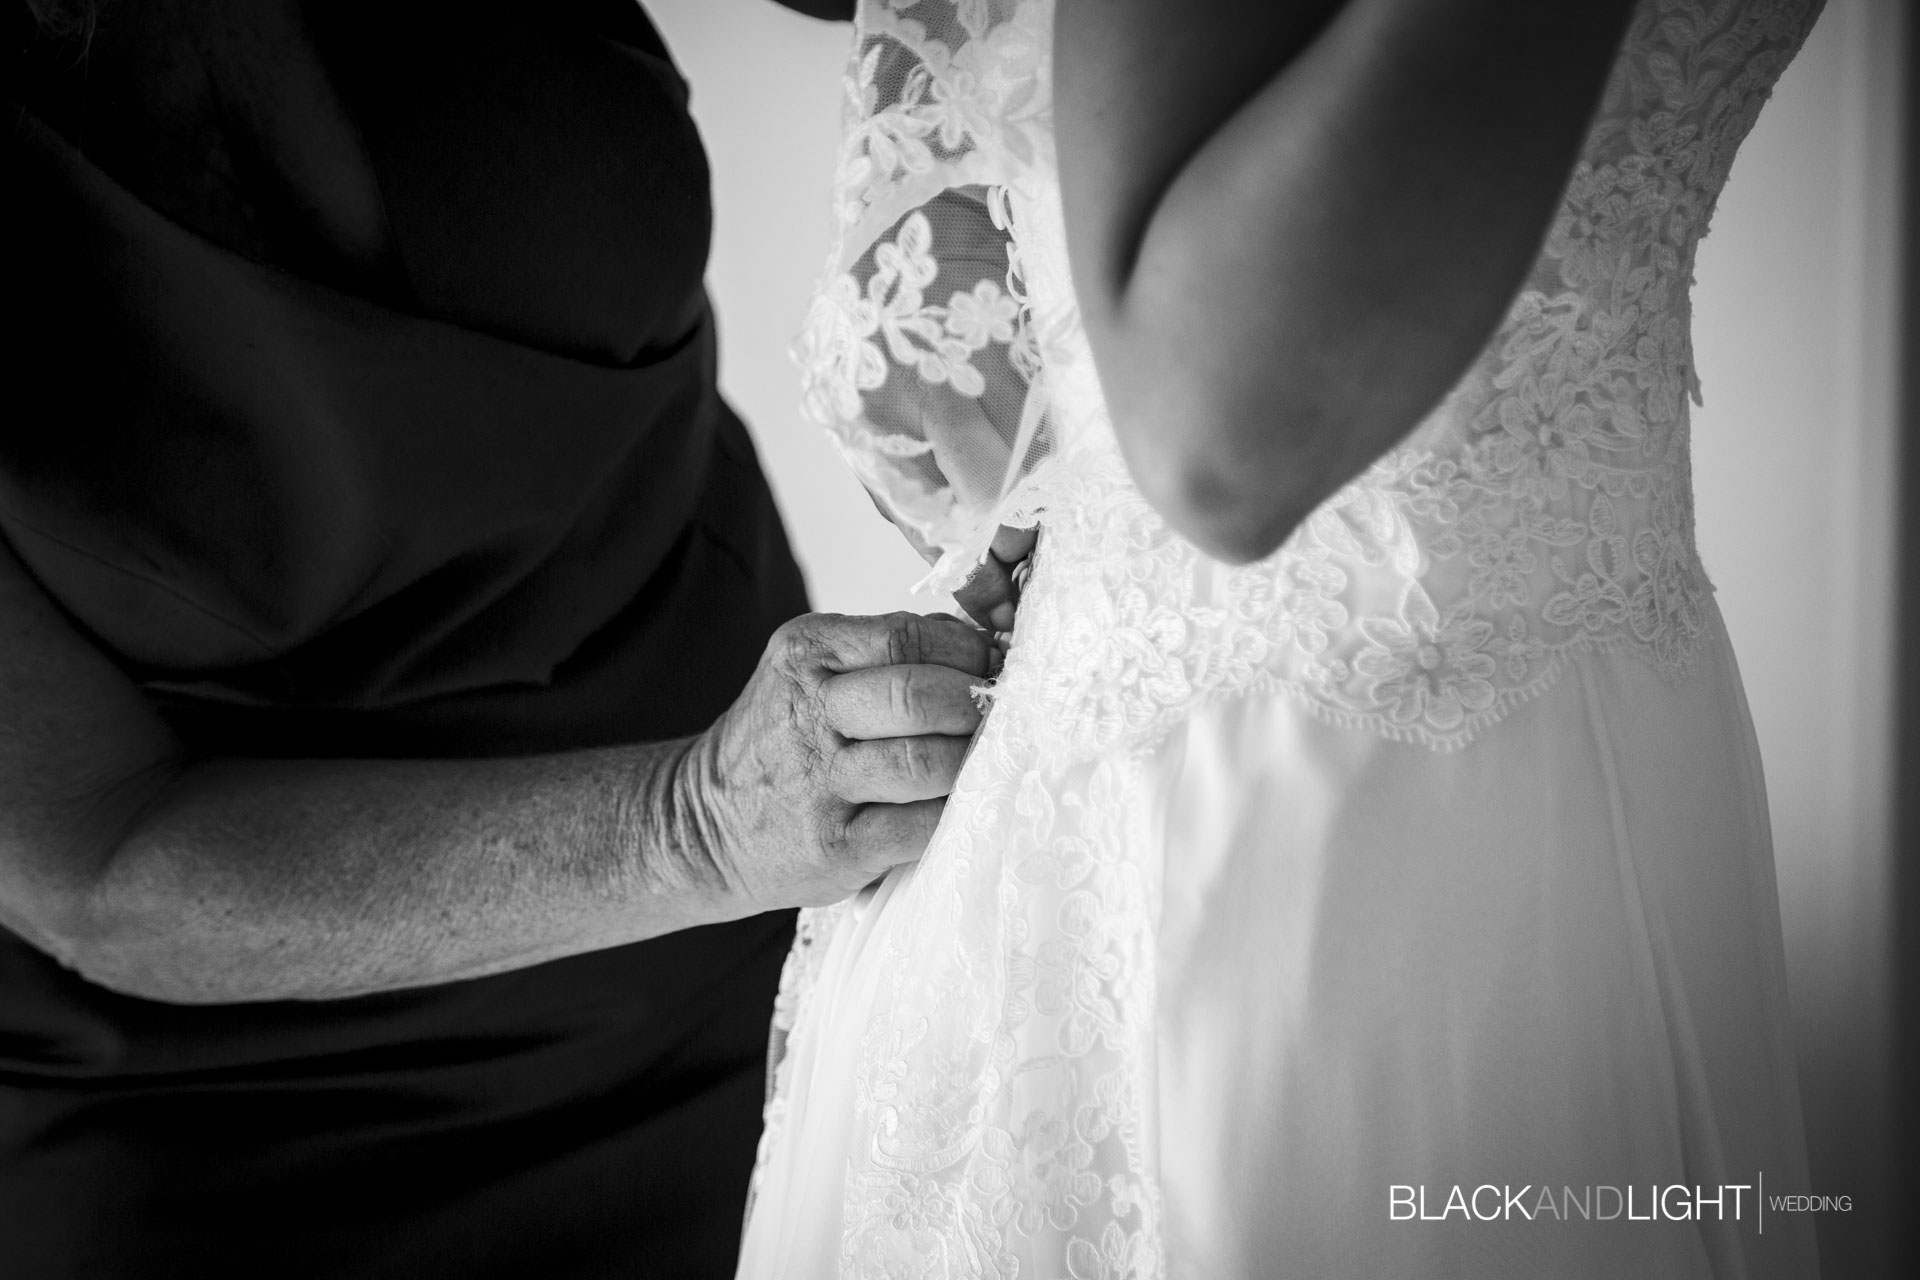 Dettaglio chiusura abito sposa